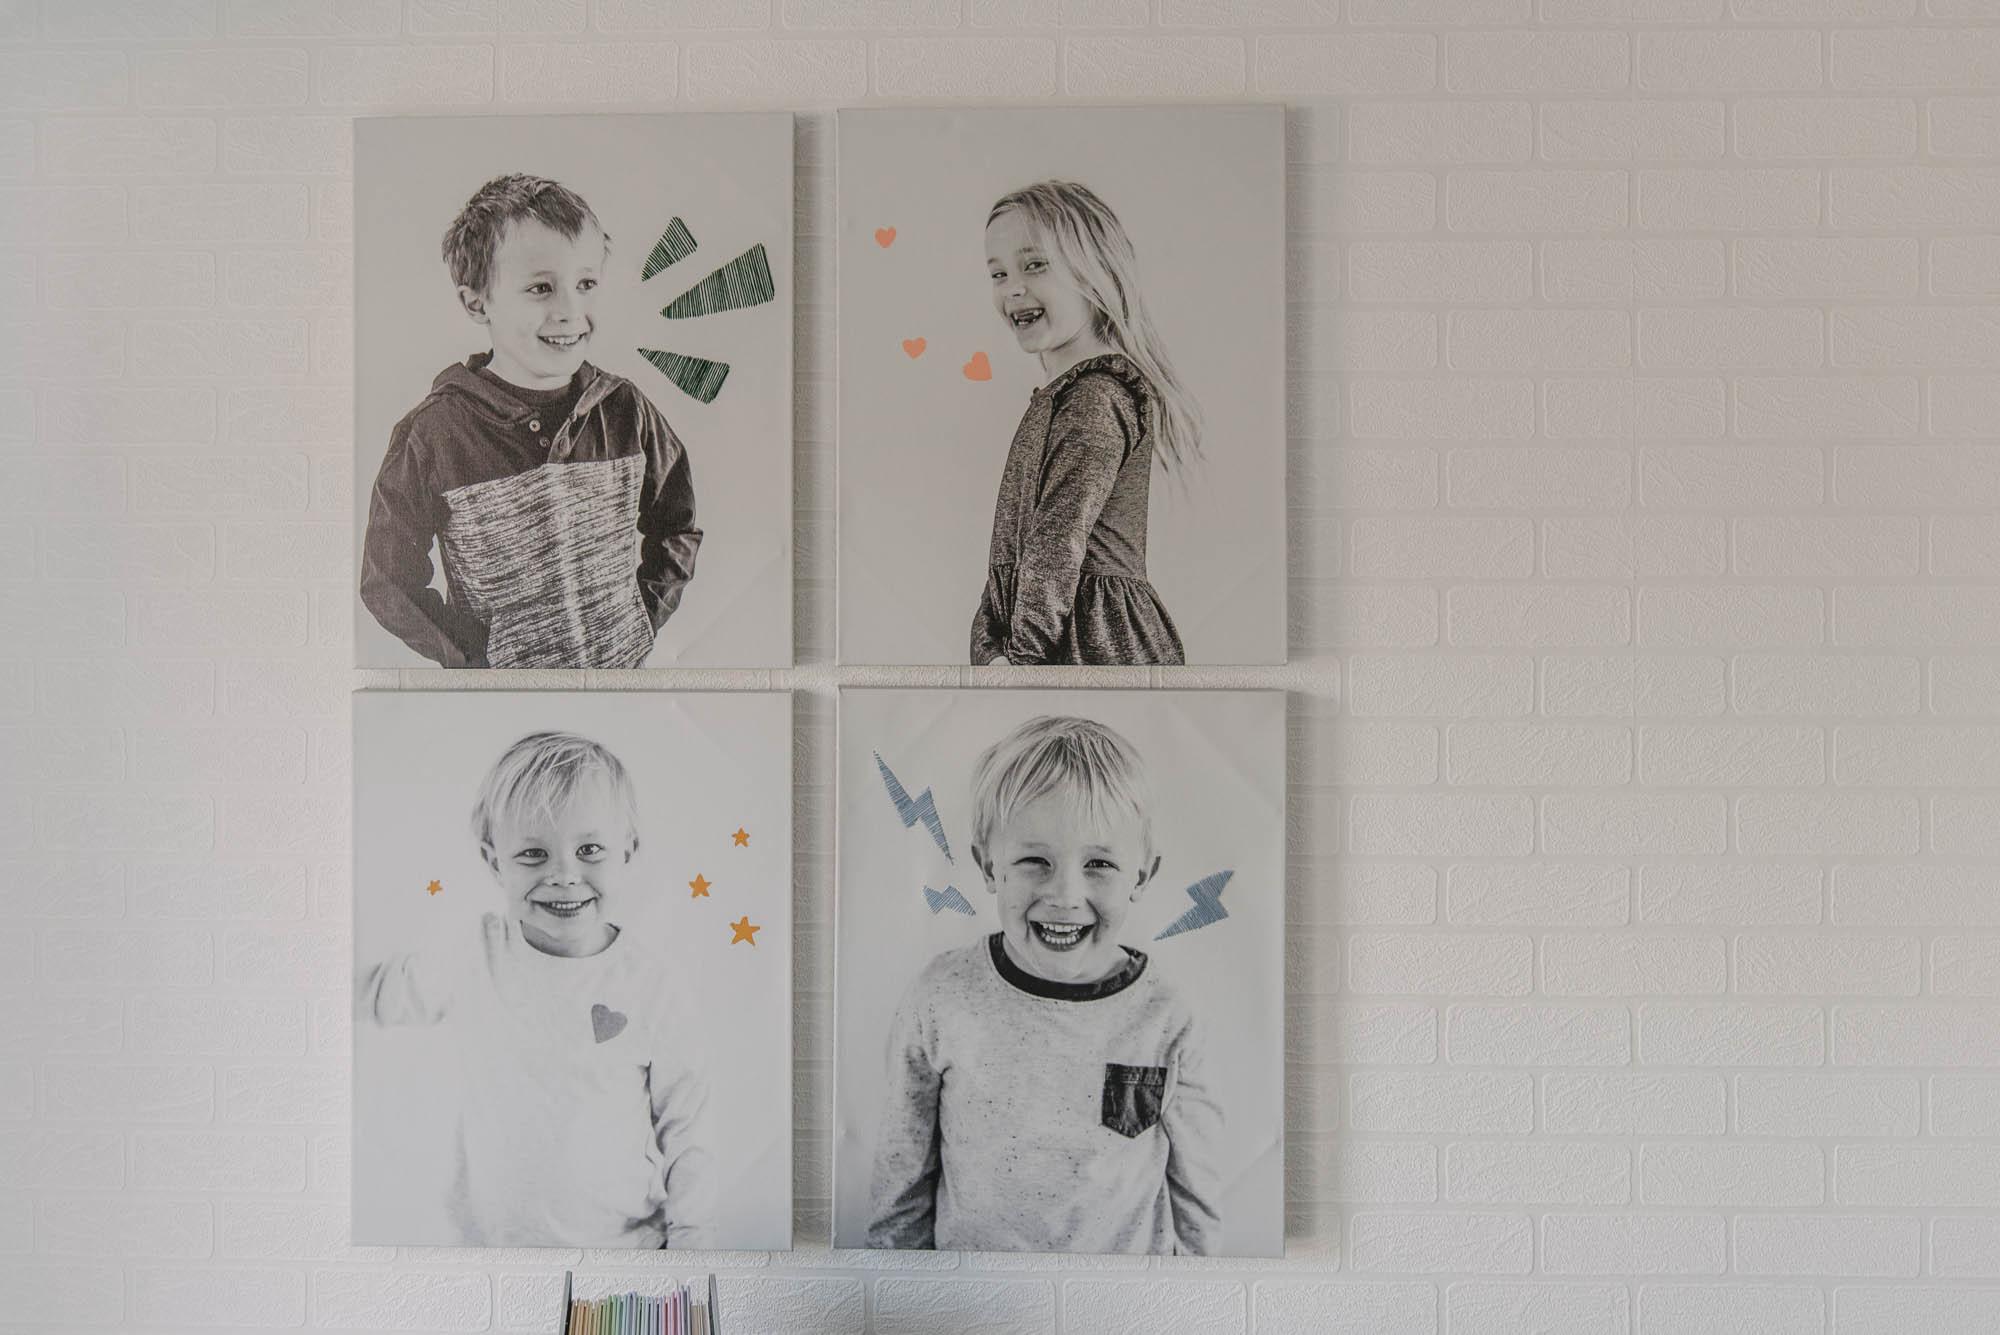 DIY Canvas art for a playroom